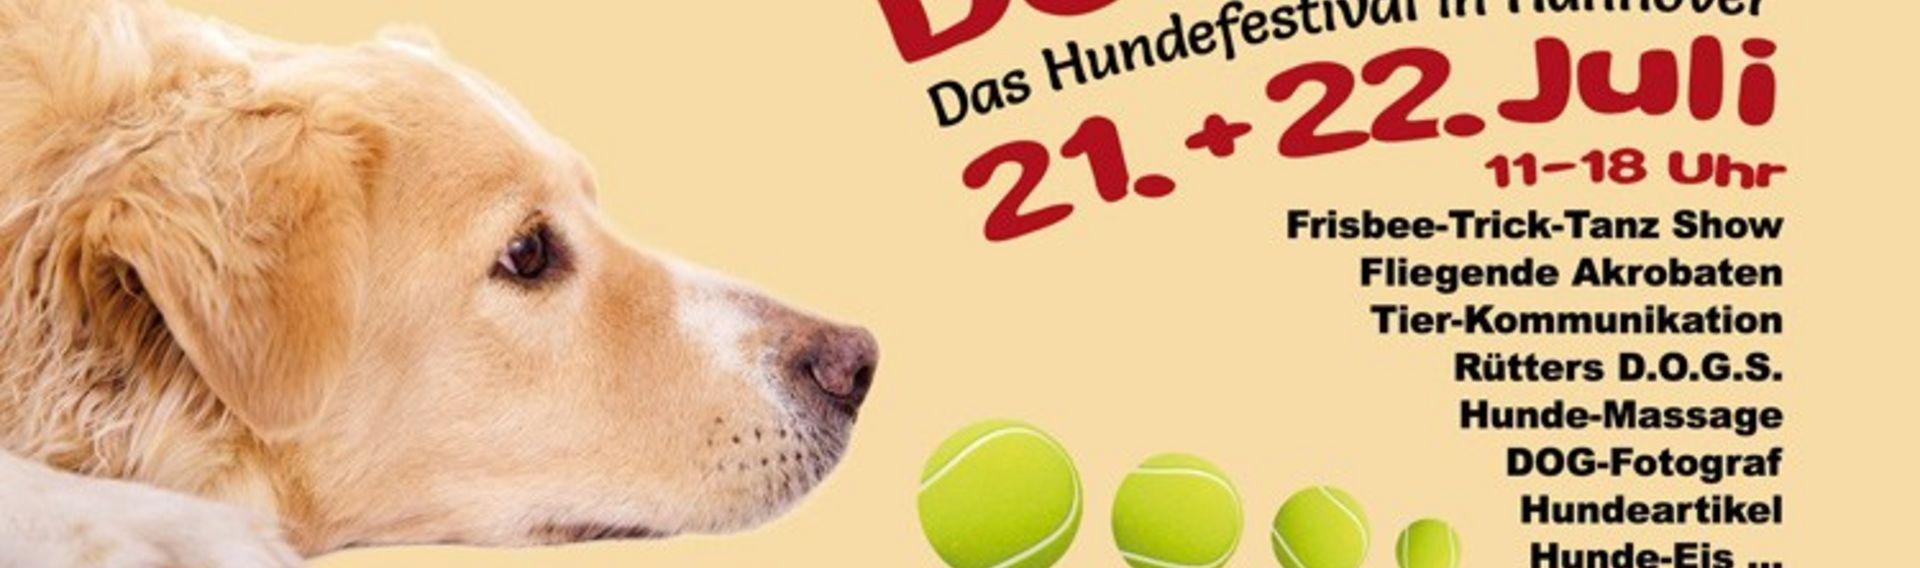 DogDays Hannover 2018 – 21. bis 22. Juli